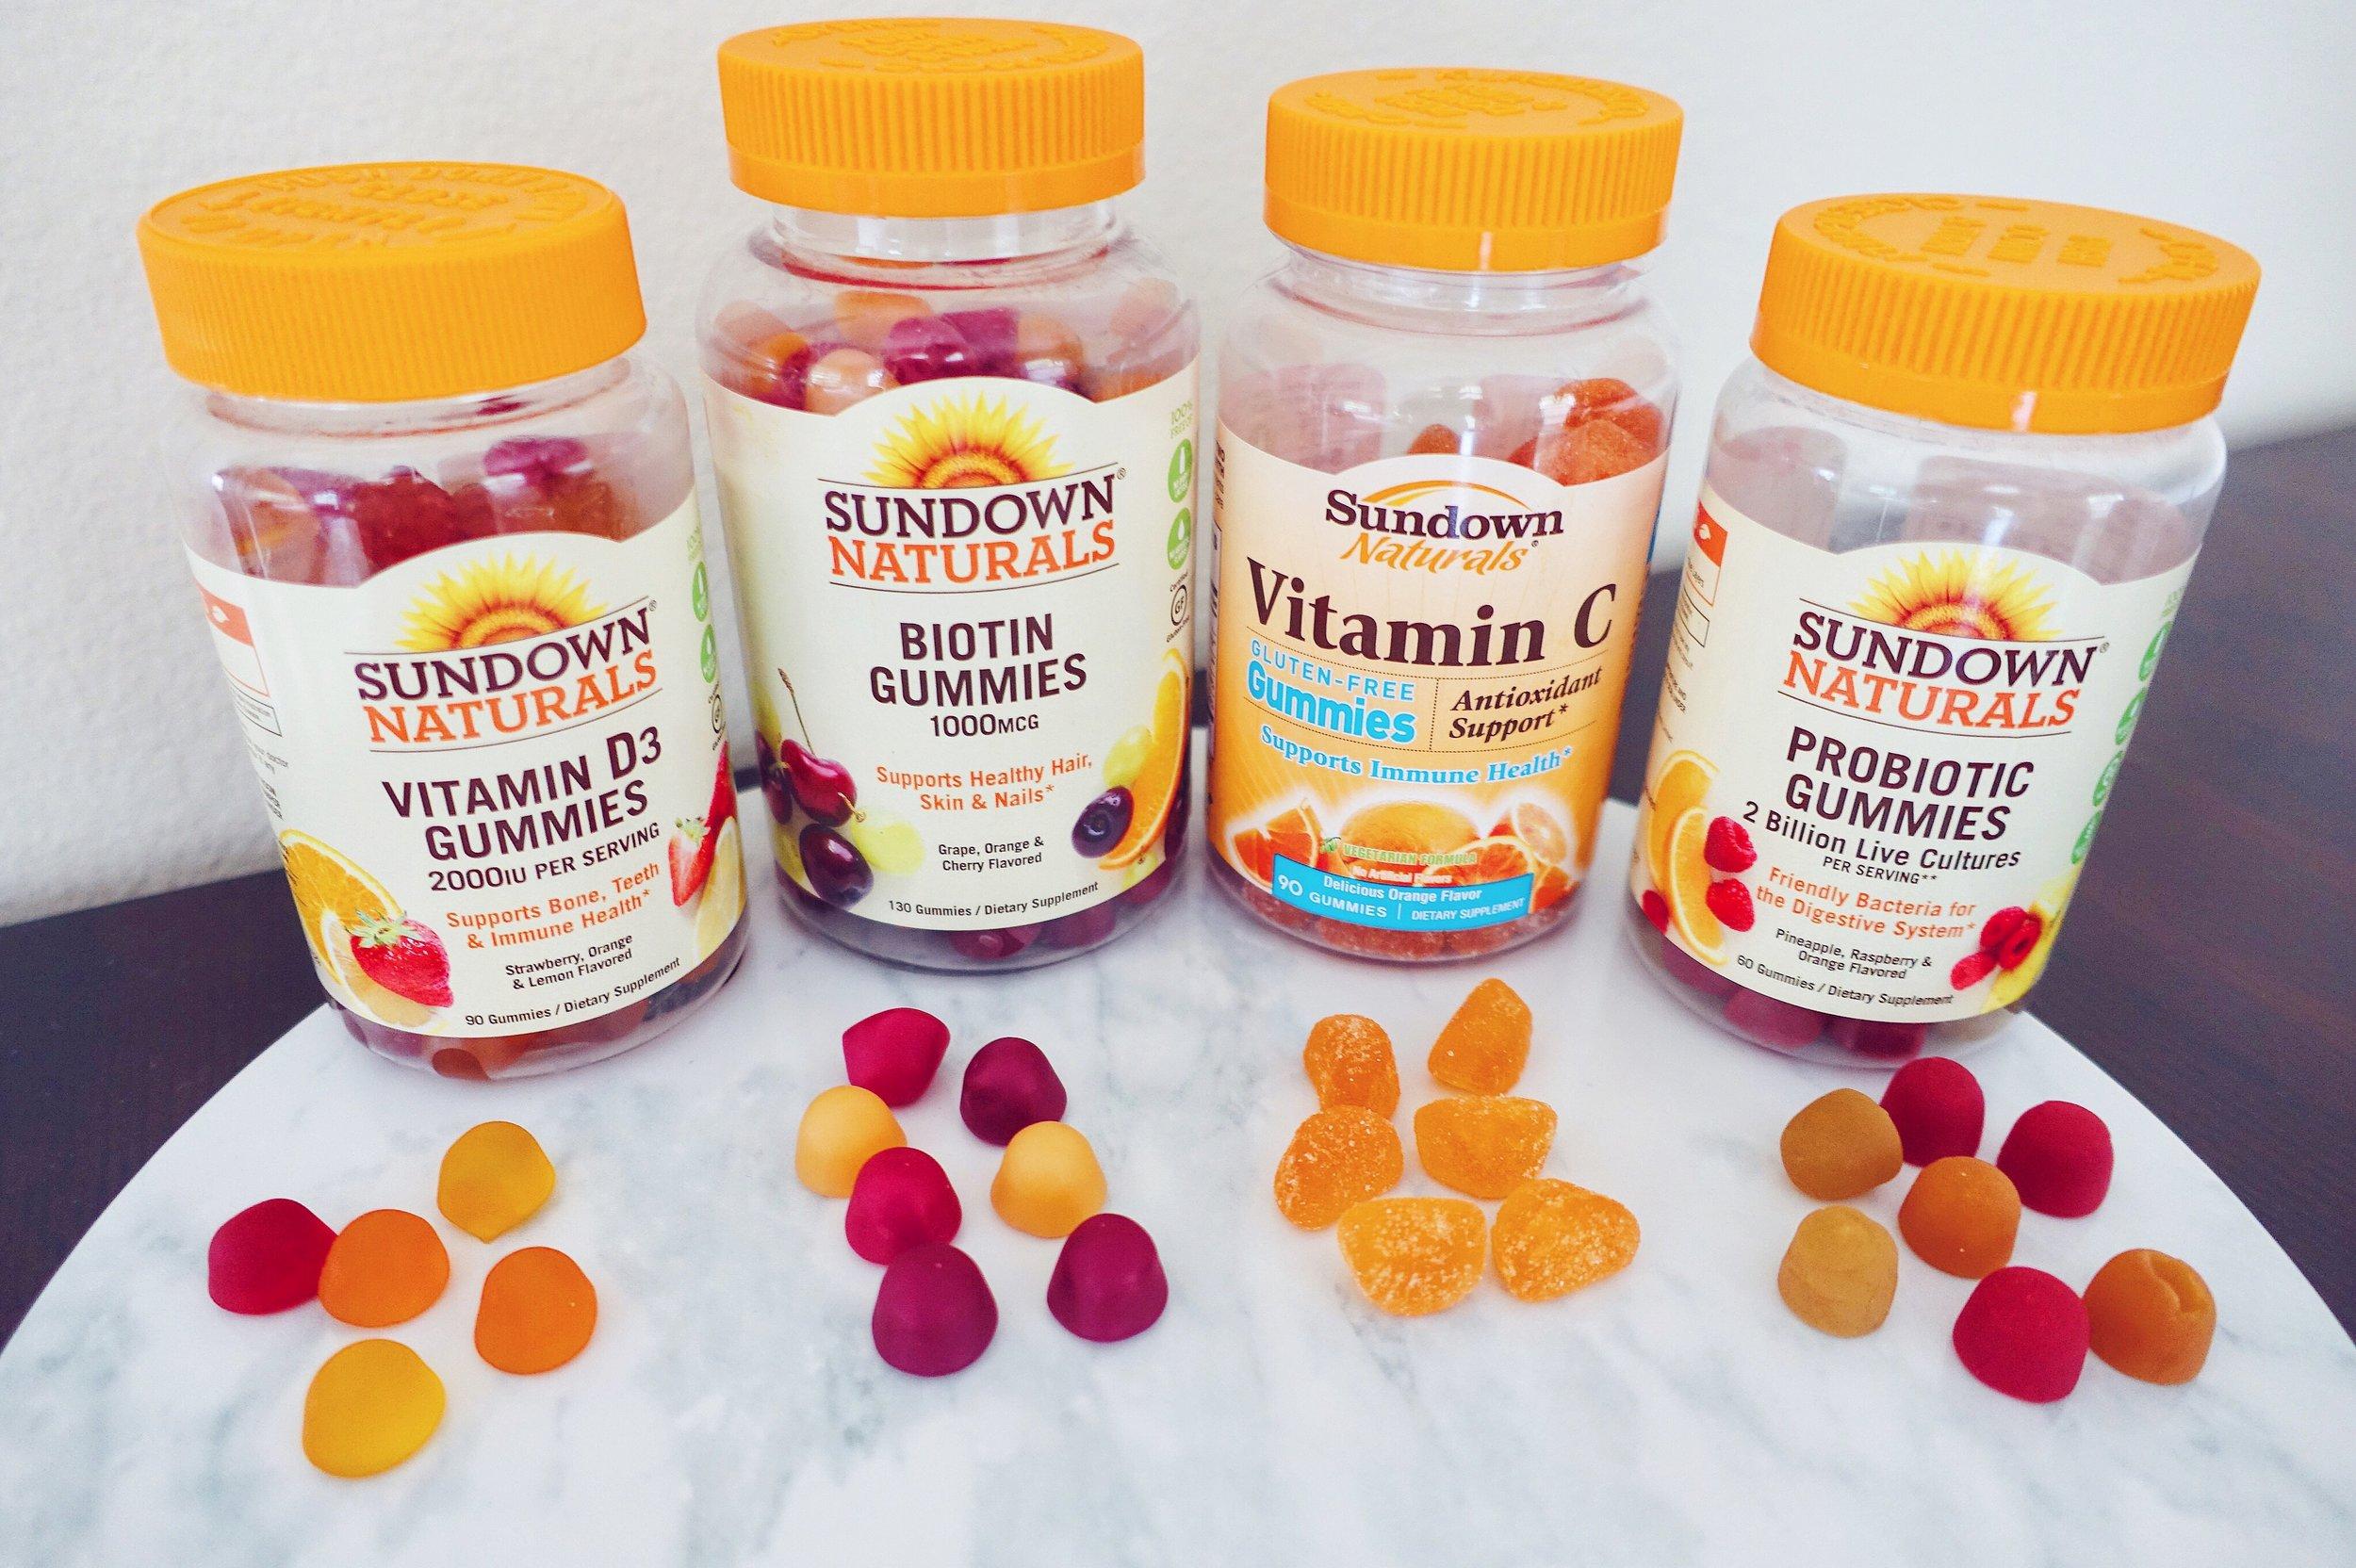 Sundown Naturals Adult Gummy Vitamins